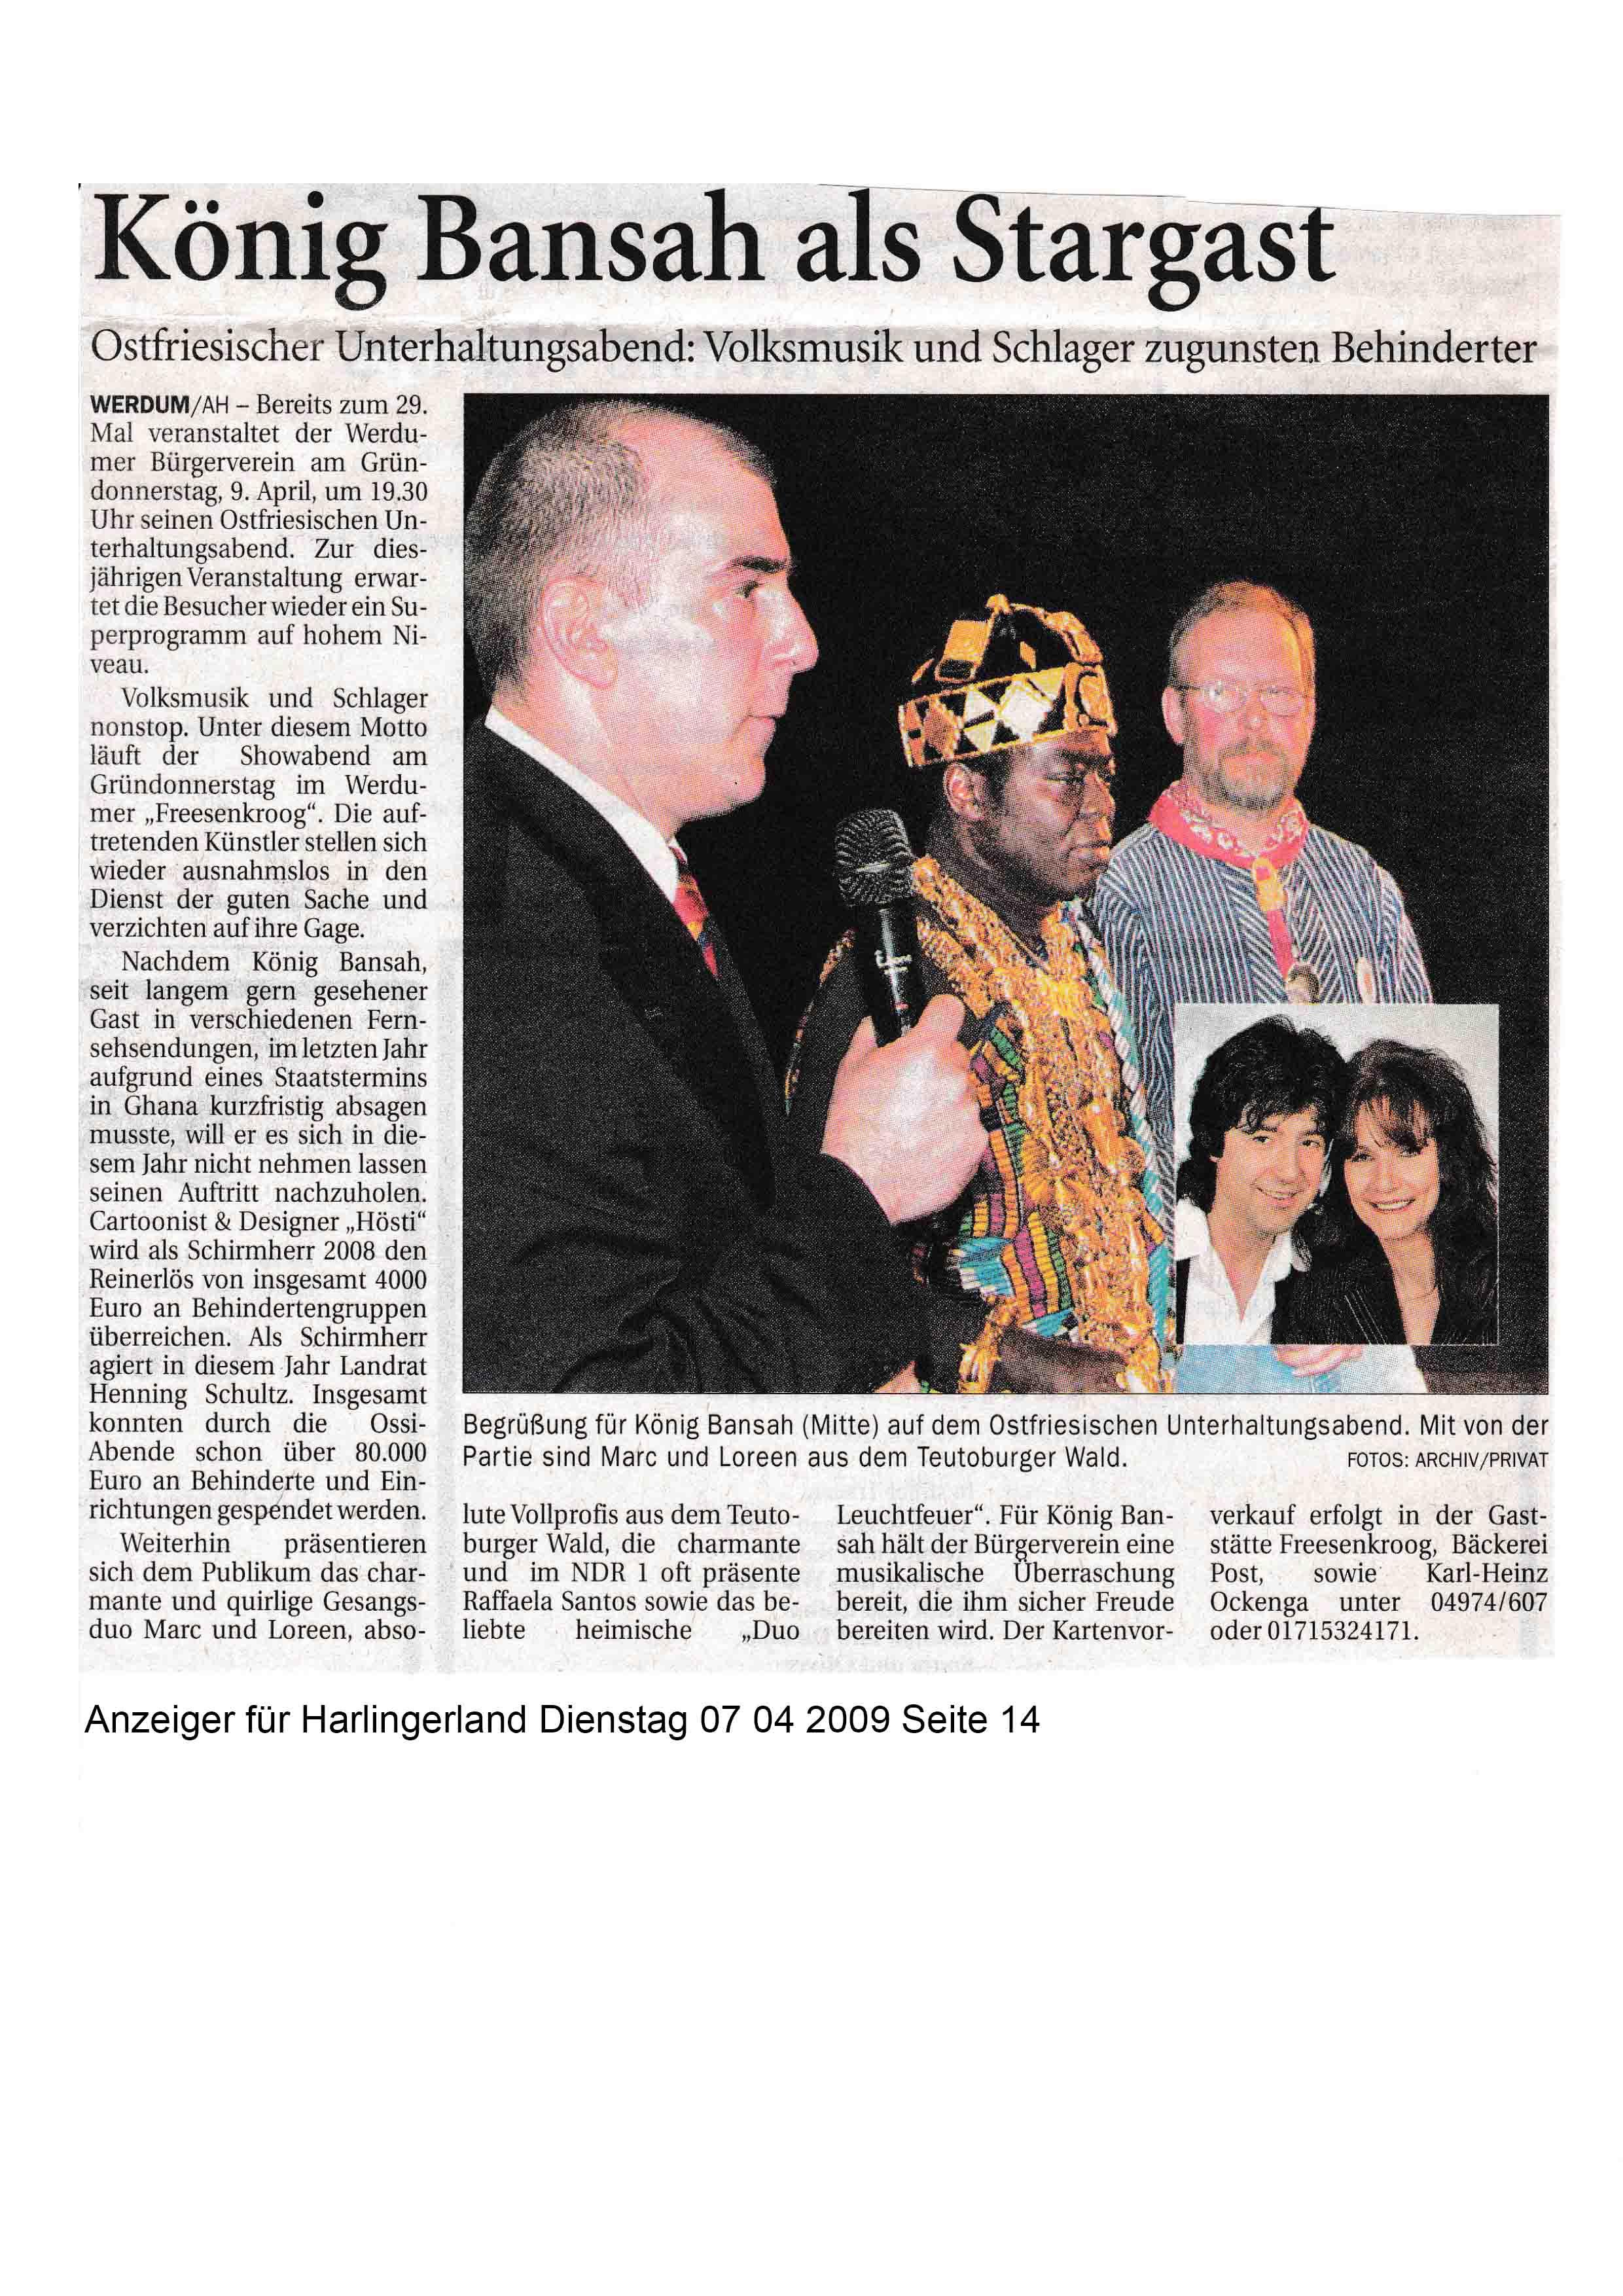 Anzeiger für Harlingerland Dienstag 07 04 2009 Seite 14